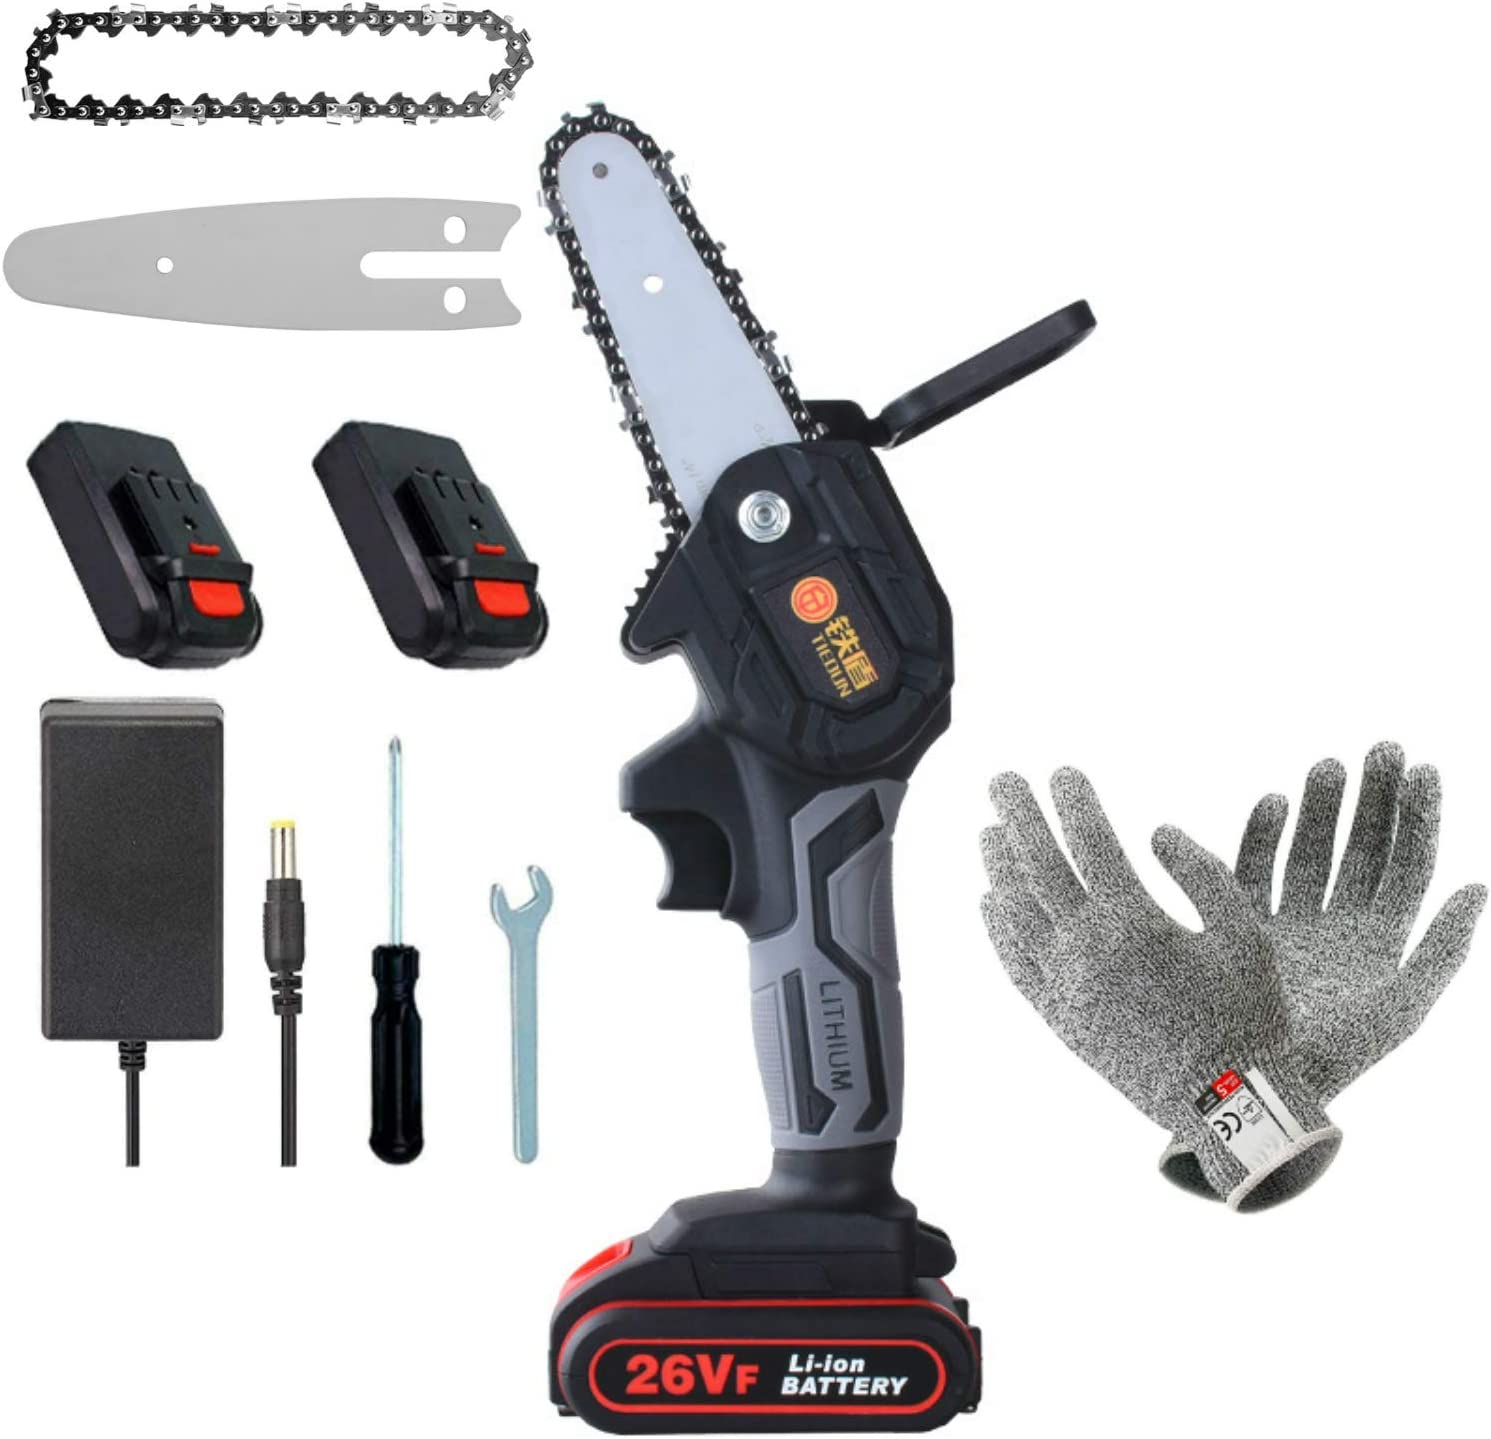 Mini motosierra eléctrica de 4 pulgadas, 2 baterías y motor sin escobillas, sierra de mano eléctrica de 26 V con un peso de 0,7 kg, un par de guantes anticortes